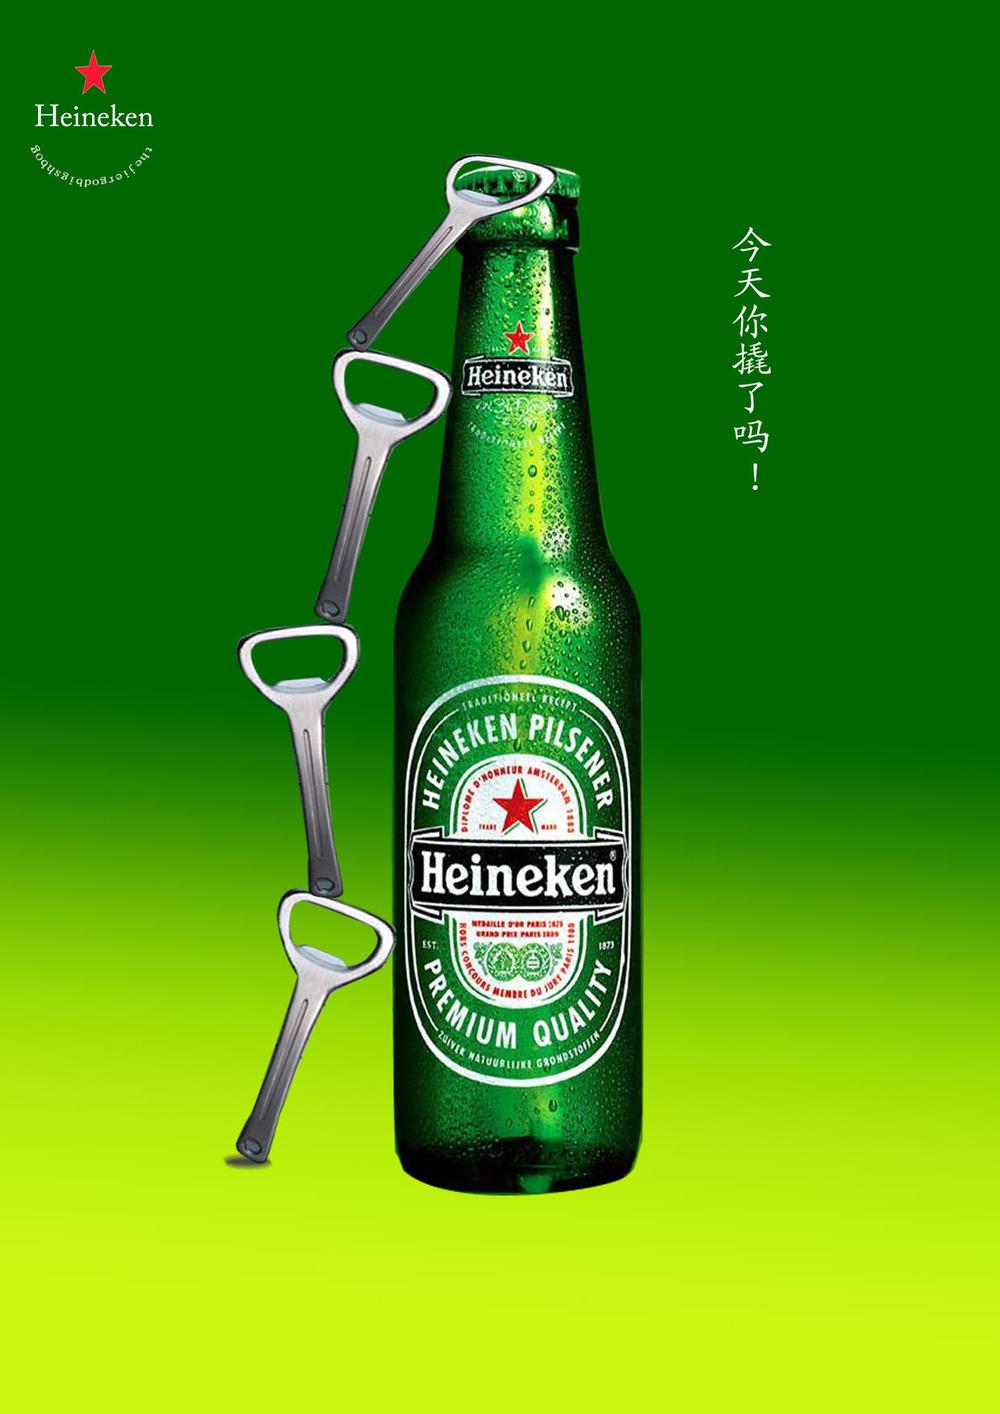 喜力啤酒最新广告_喜力啤酒最新广告喜力啤酒广告男主角 喜力啤酒创意广告 图片